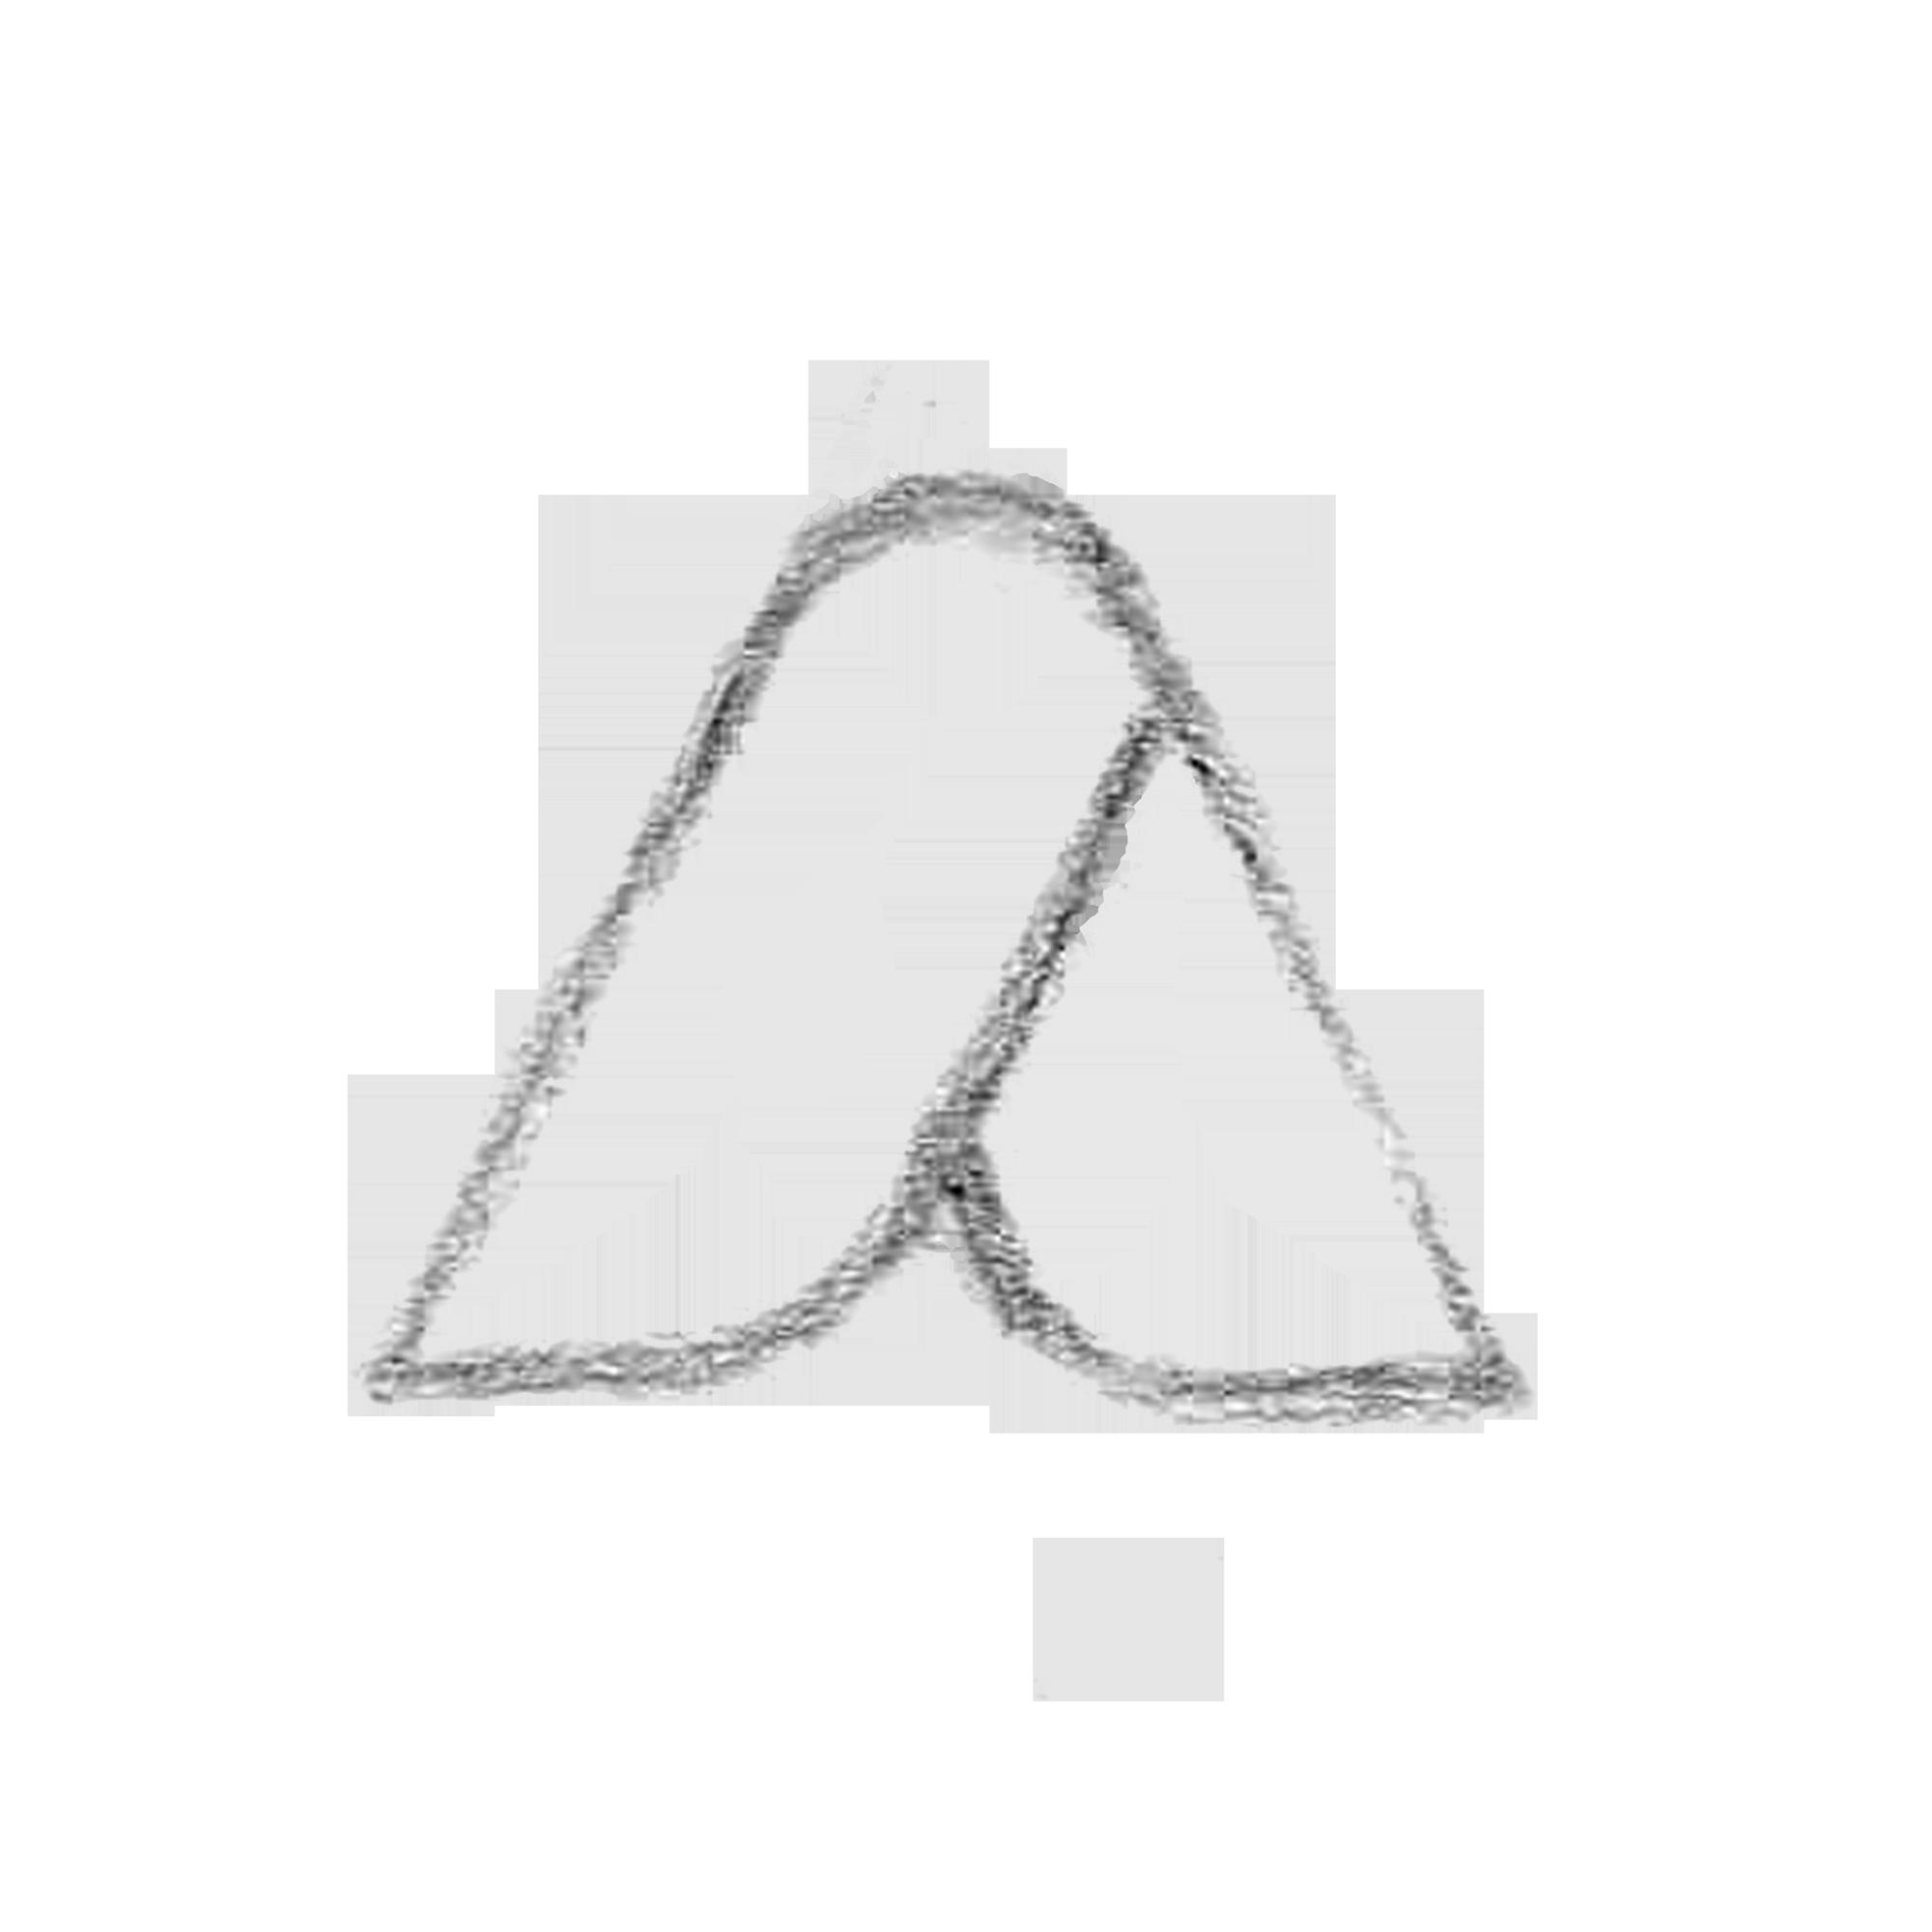 d-00.02-portfolio-alporium-brand-sketches-2.2.png